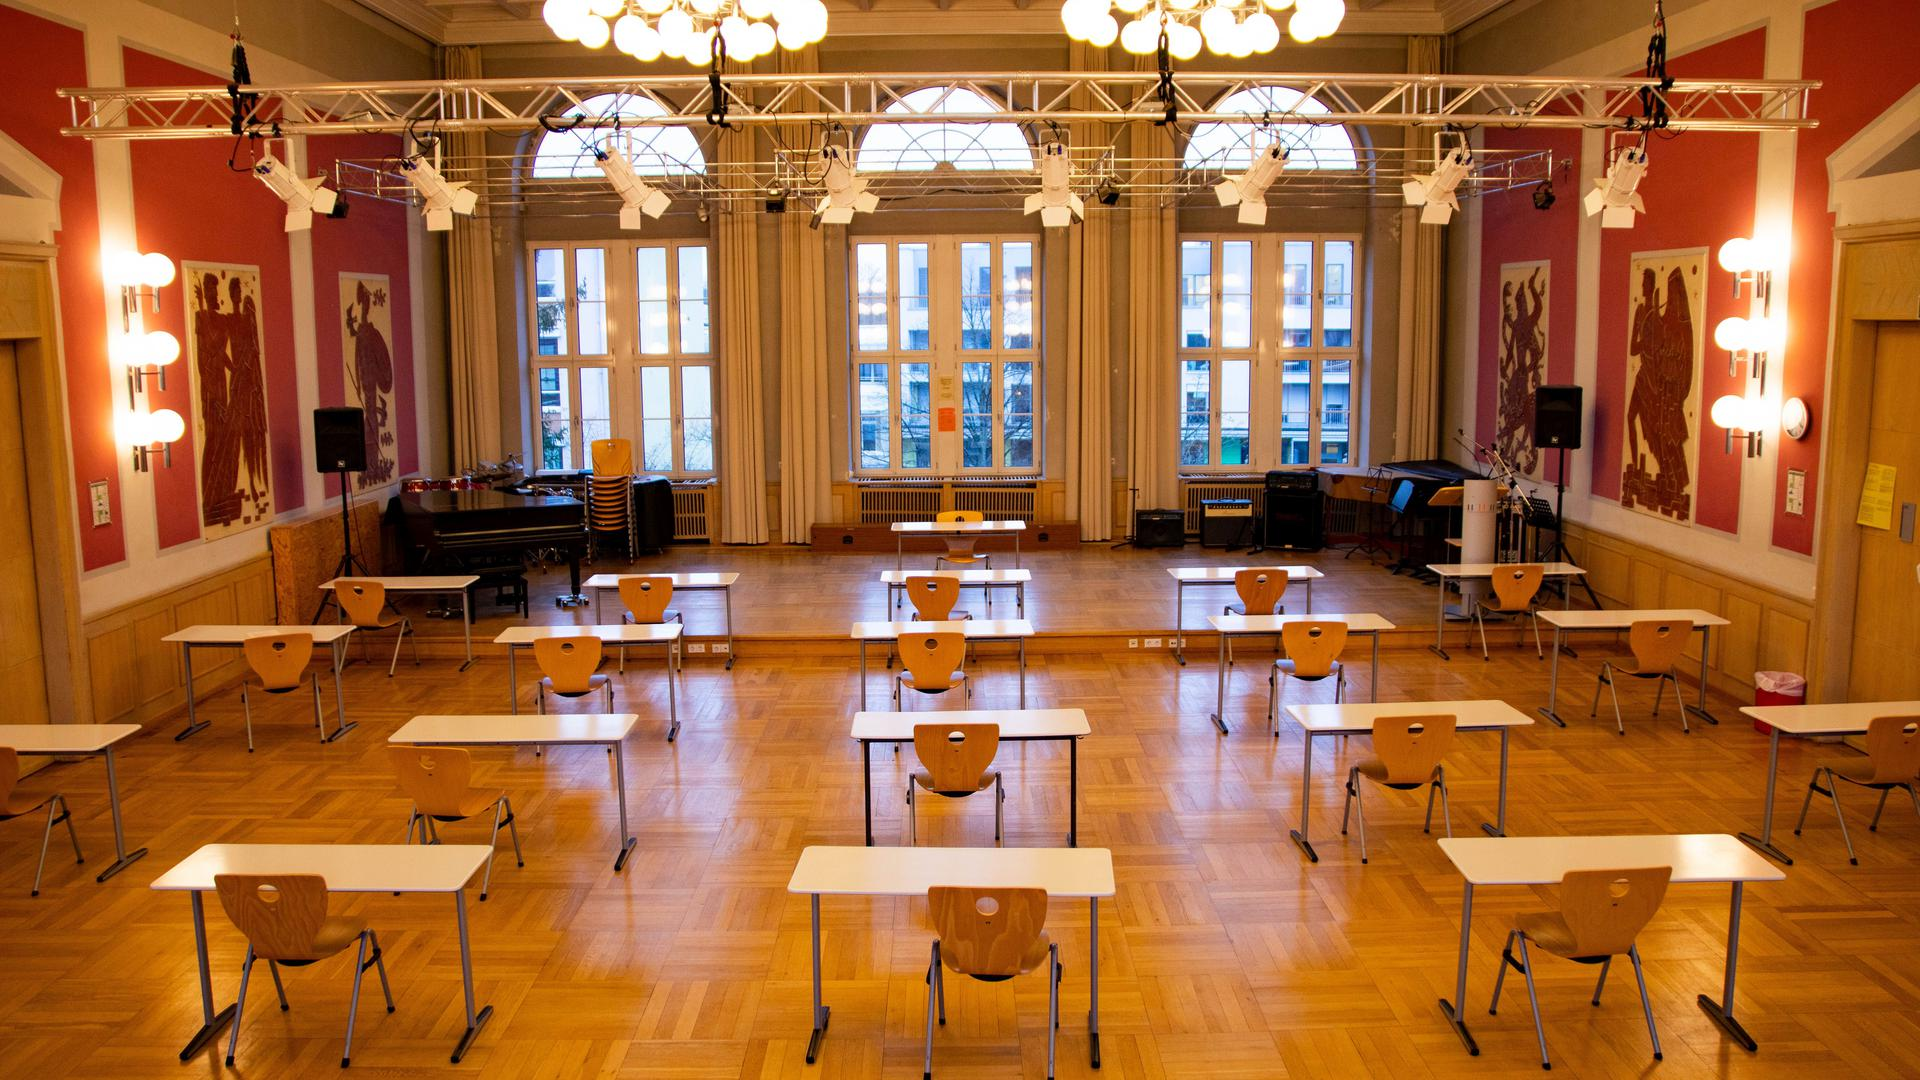 Konzerte und Veranstaltungen waren einmal: In der Aula des Bismarcks-Gymnasiums schreiben die Schüler aktuell ihre Prüfungen.